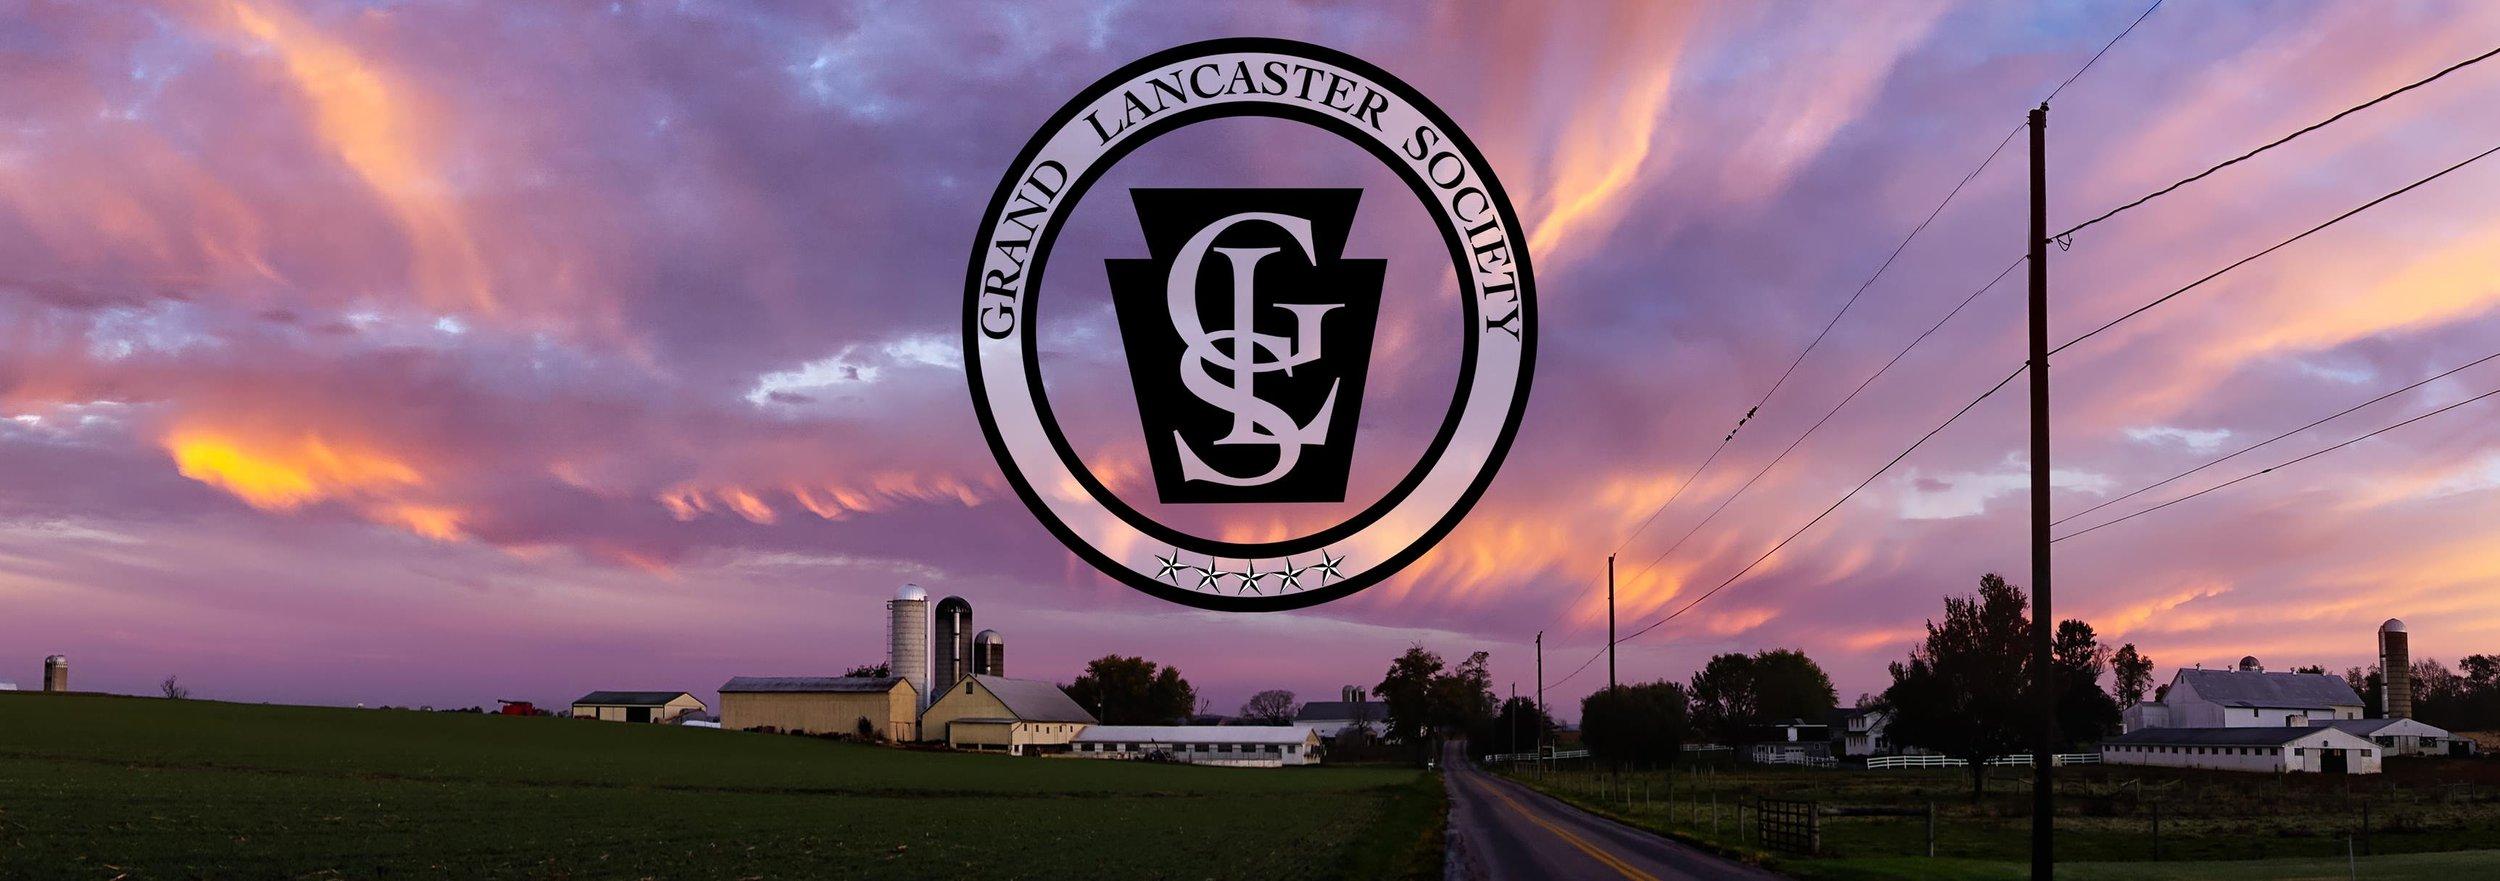 Grand Lancaster Society Banner.jpg